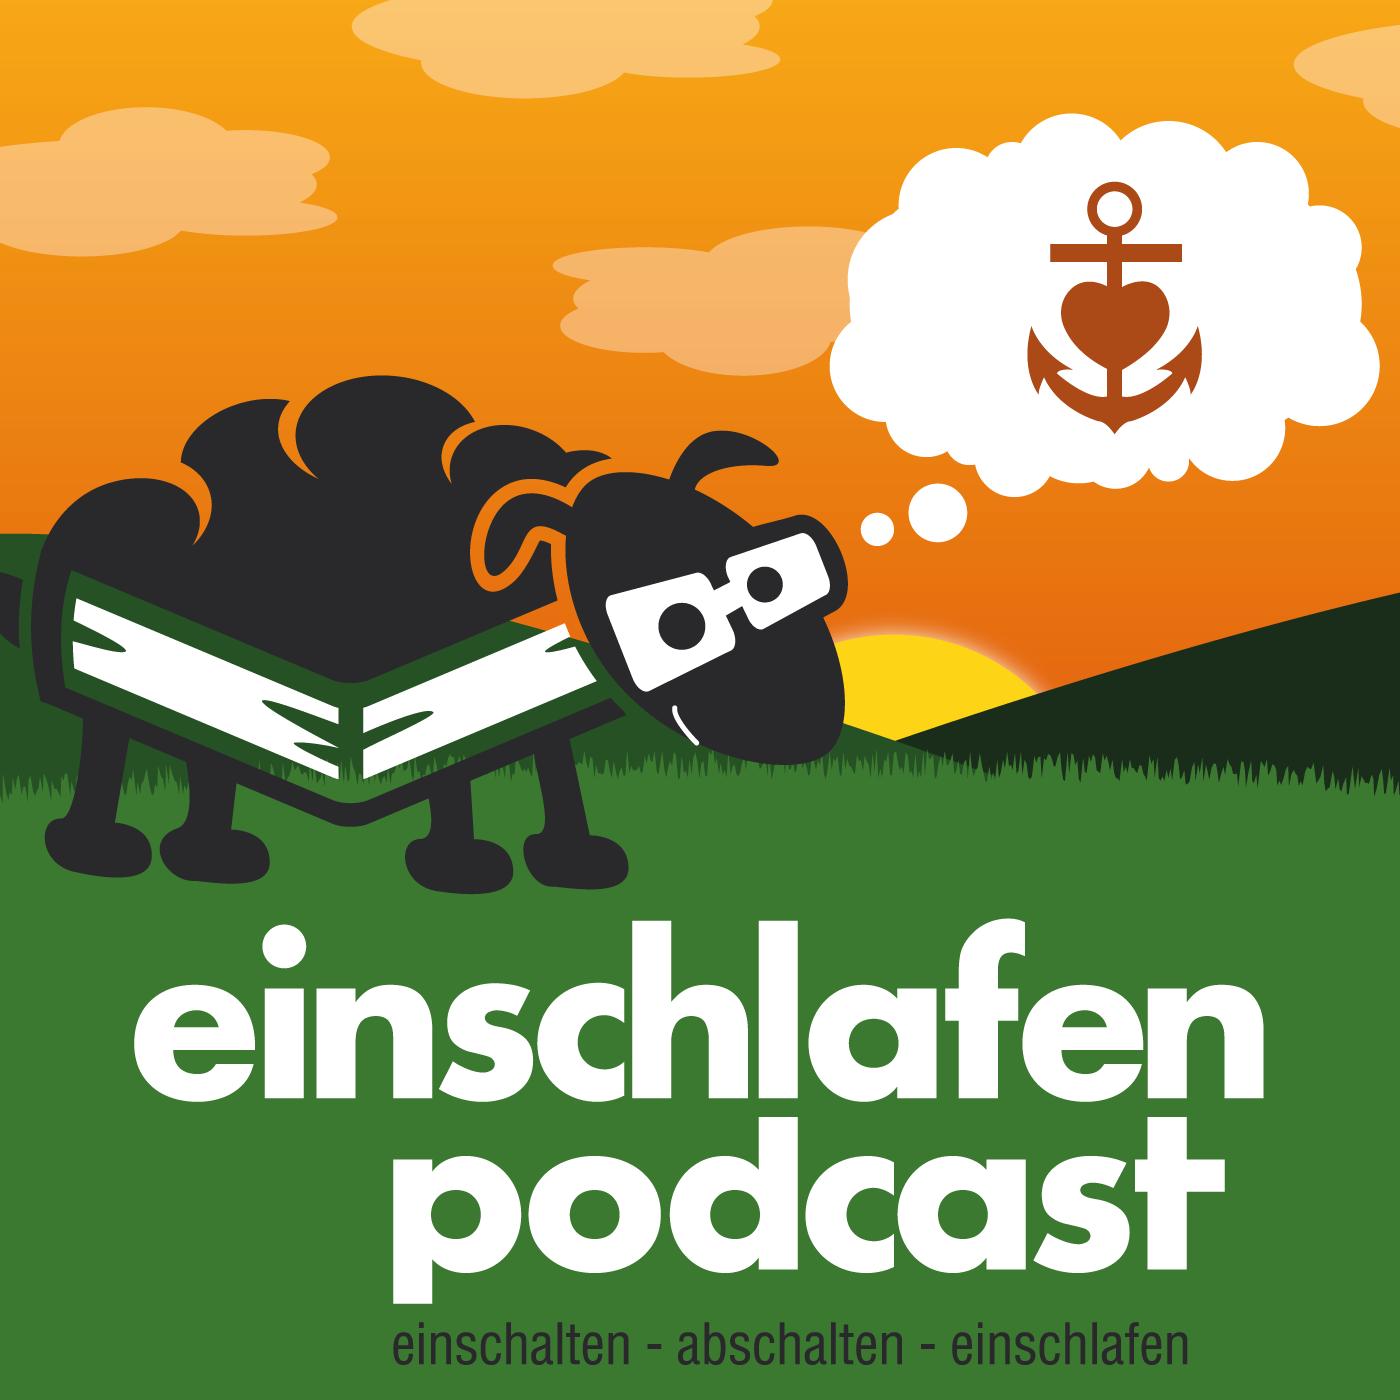 Geliebte EP 395 ~ Glaube, Hoffnung, Liebe und Elfen | Einschlafen Podcast #CP_65